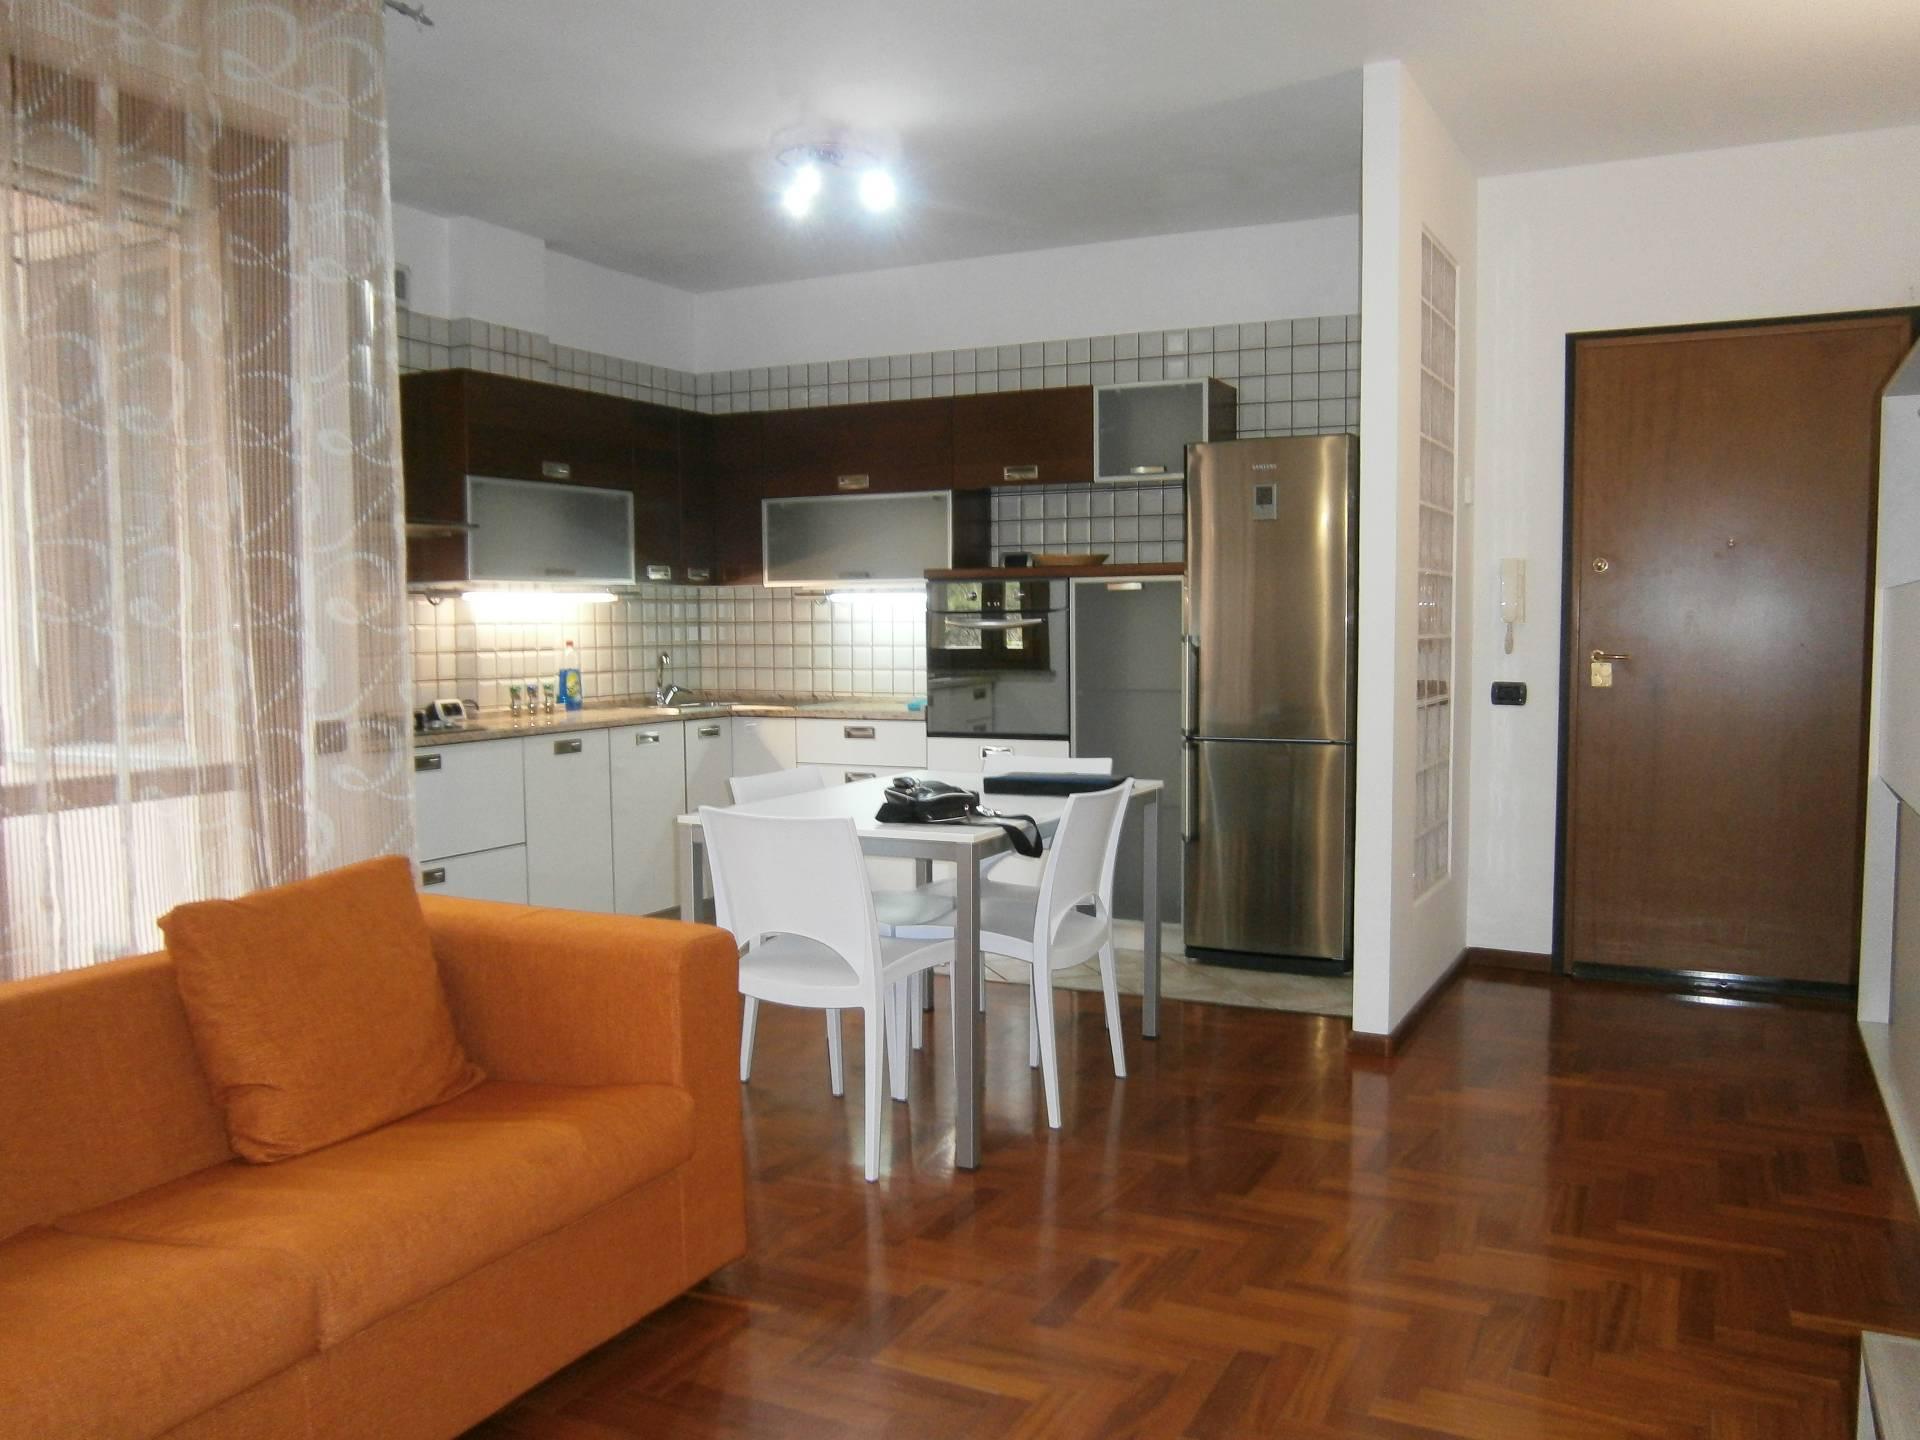 Appartamento in affitto a Selargius, 3 locali, prezzo € 700 | Cambio Casa.it